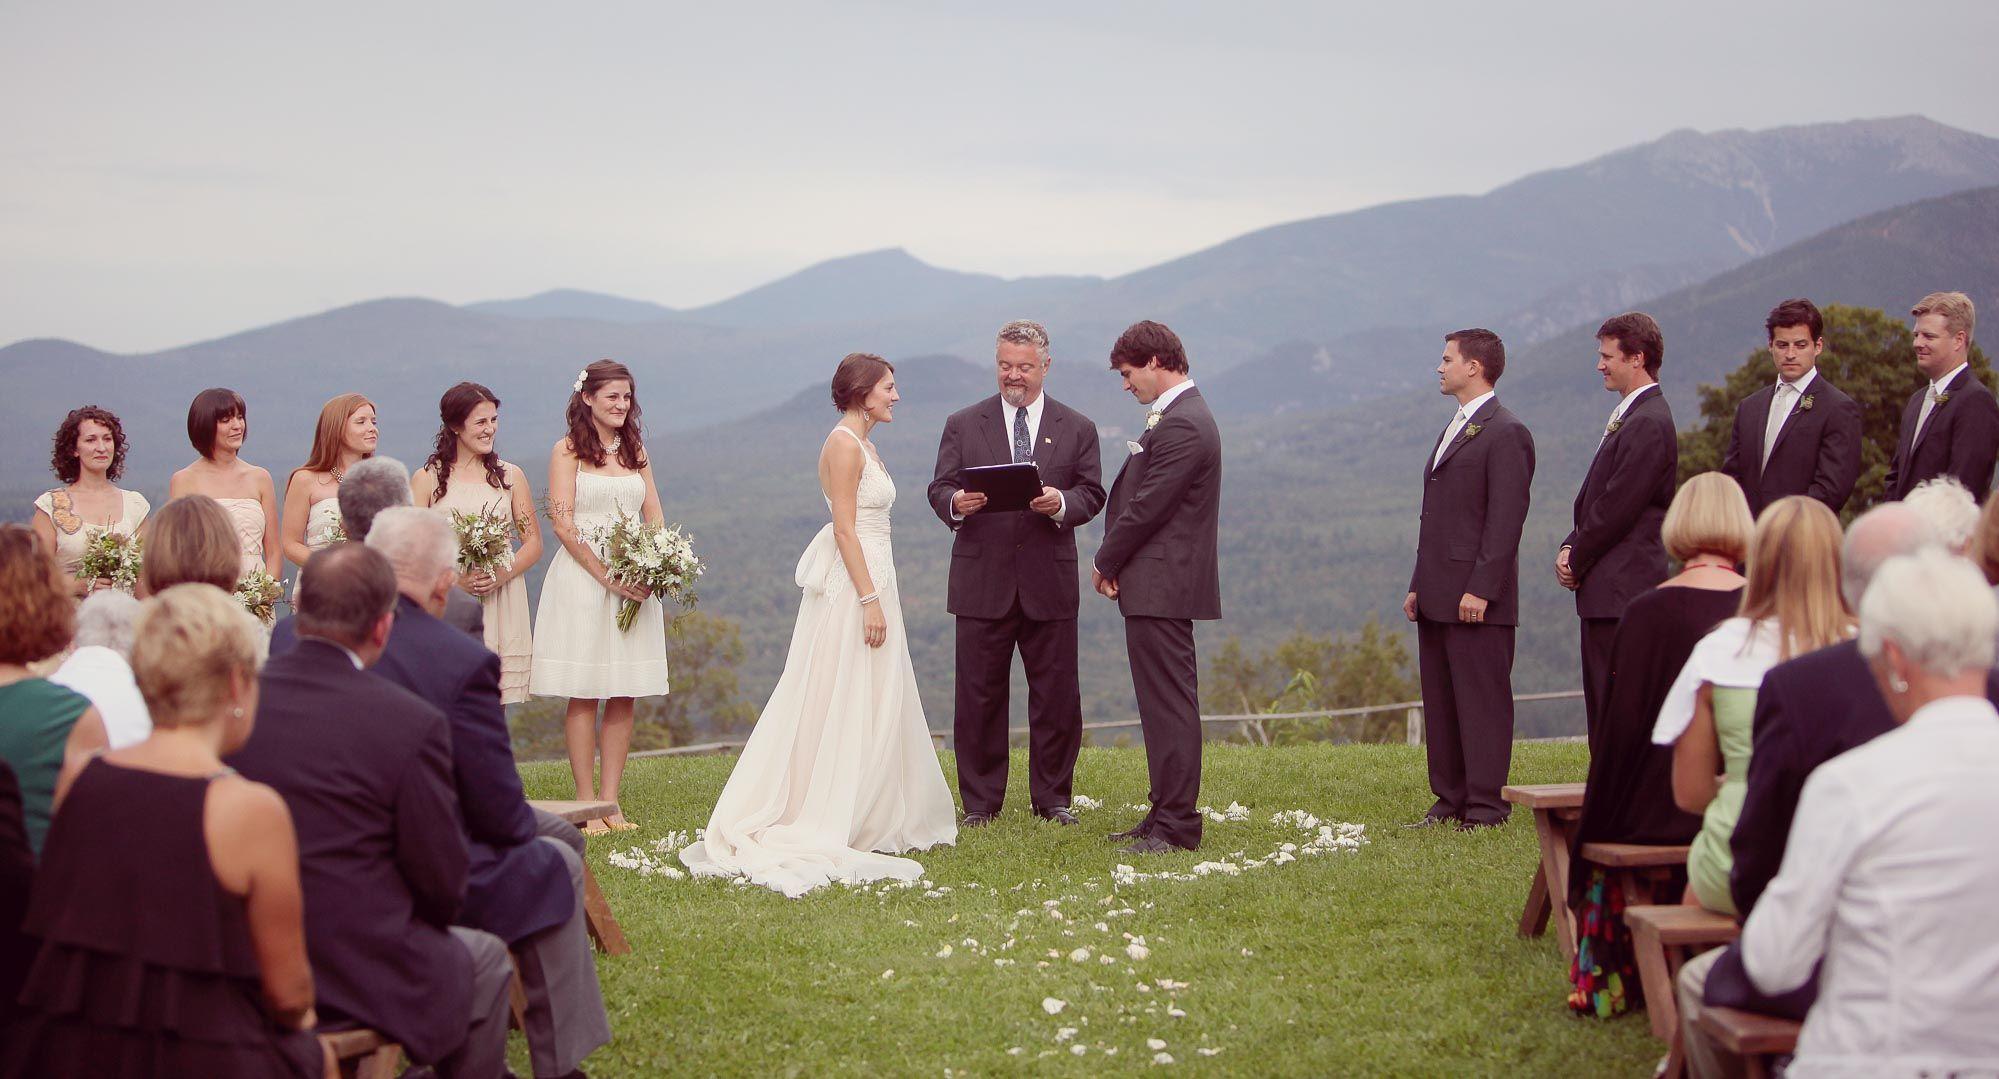 Hier Findet Ihr Wundervolle Beispiele Fur Den Ablauf Der Freien Trauung Lasst Euch Von Den Kreativen Ideen Einer Hochzeitsred Hochzeit Ablauf Trauung Hochzeit